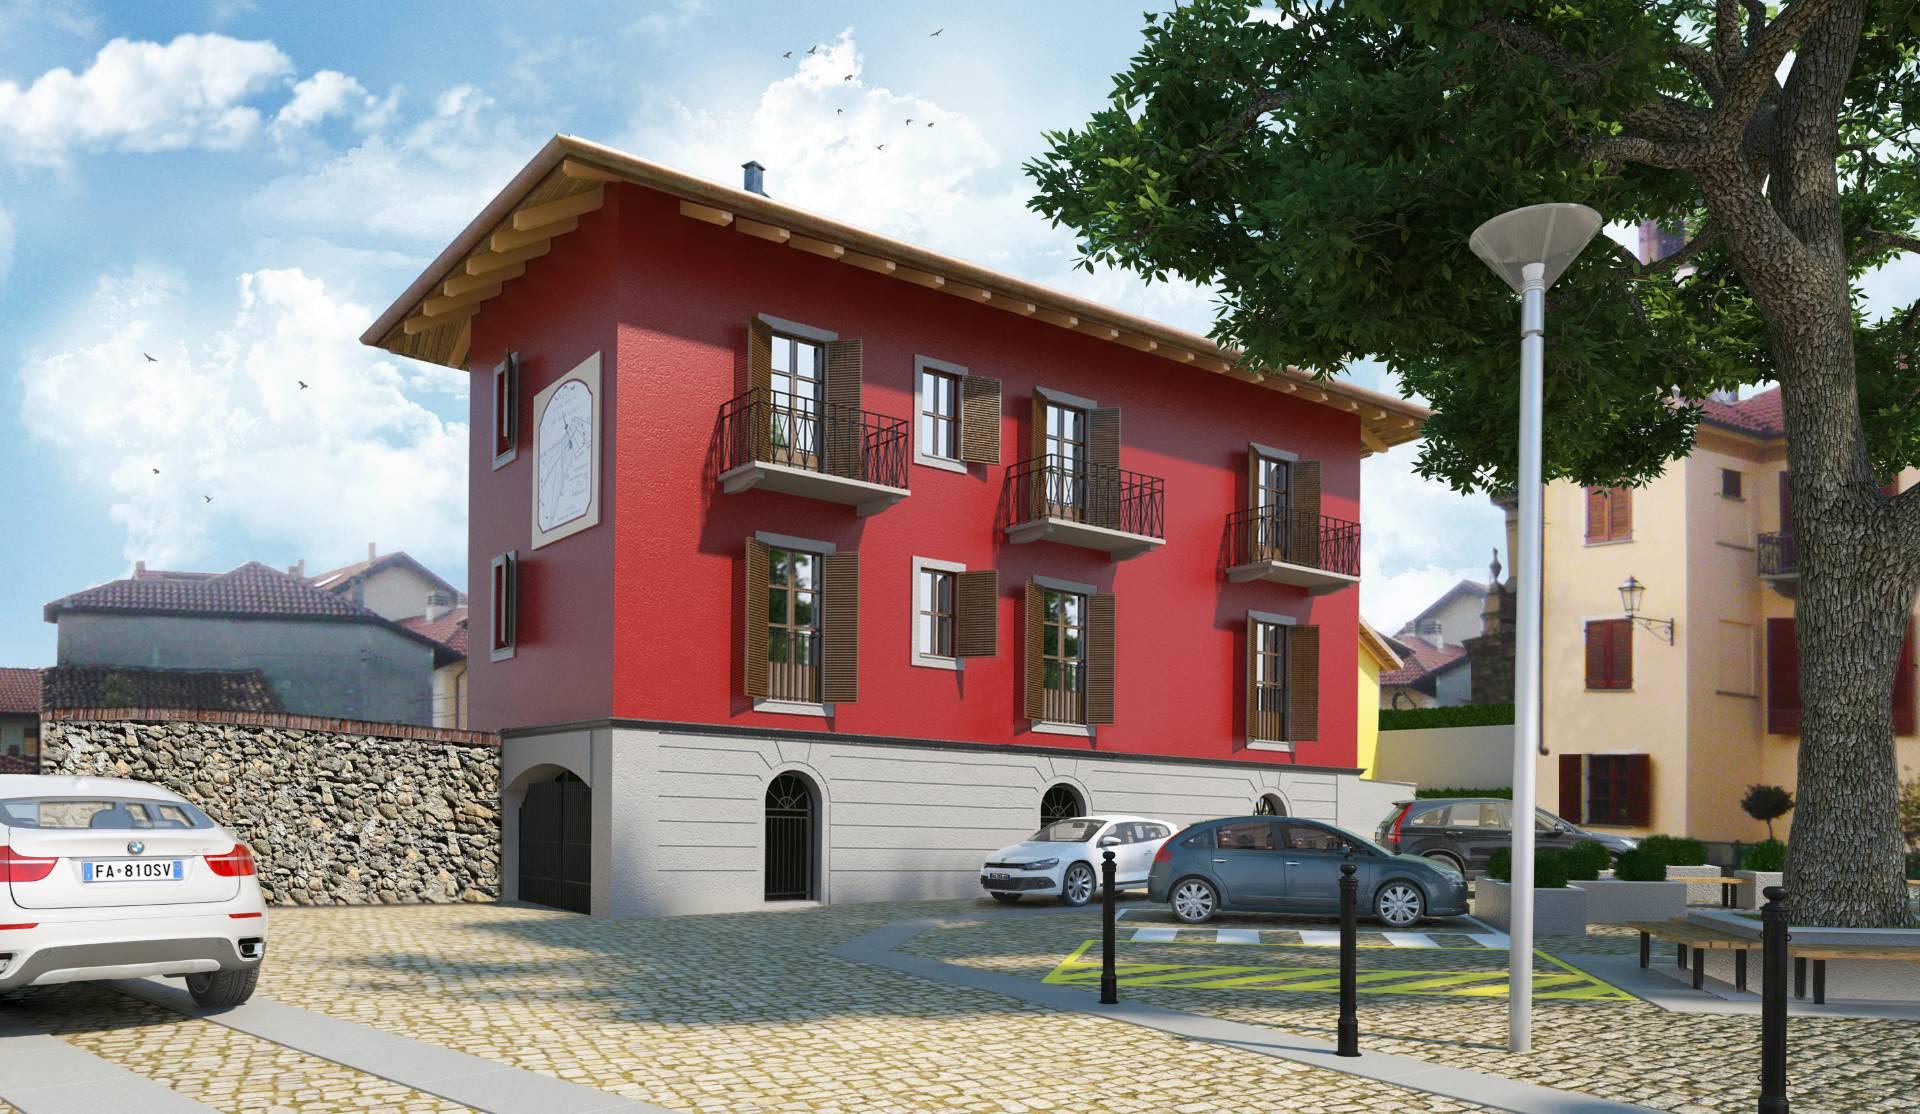 Appartamento in vendita a Villarbasse, 4 locali, zona Località: Centro, prezzo € 278.000   CambioCasa.it